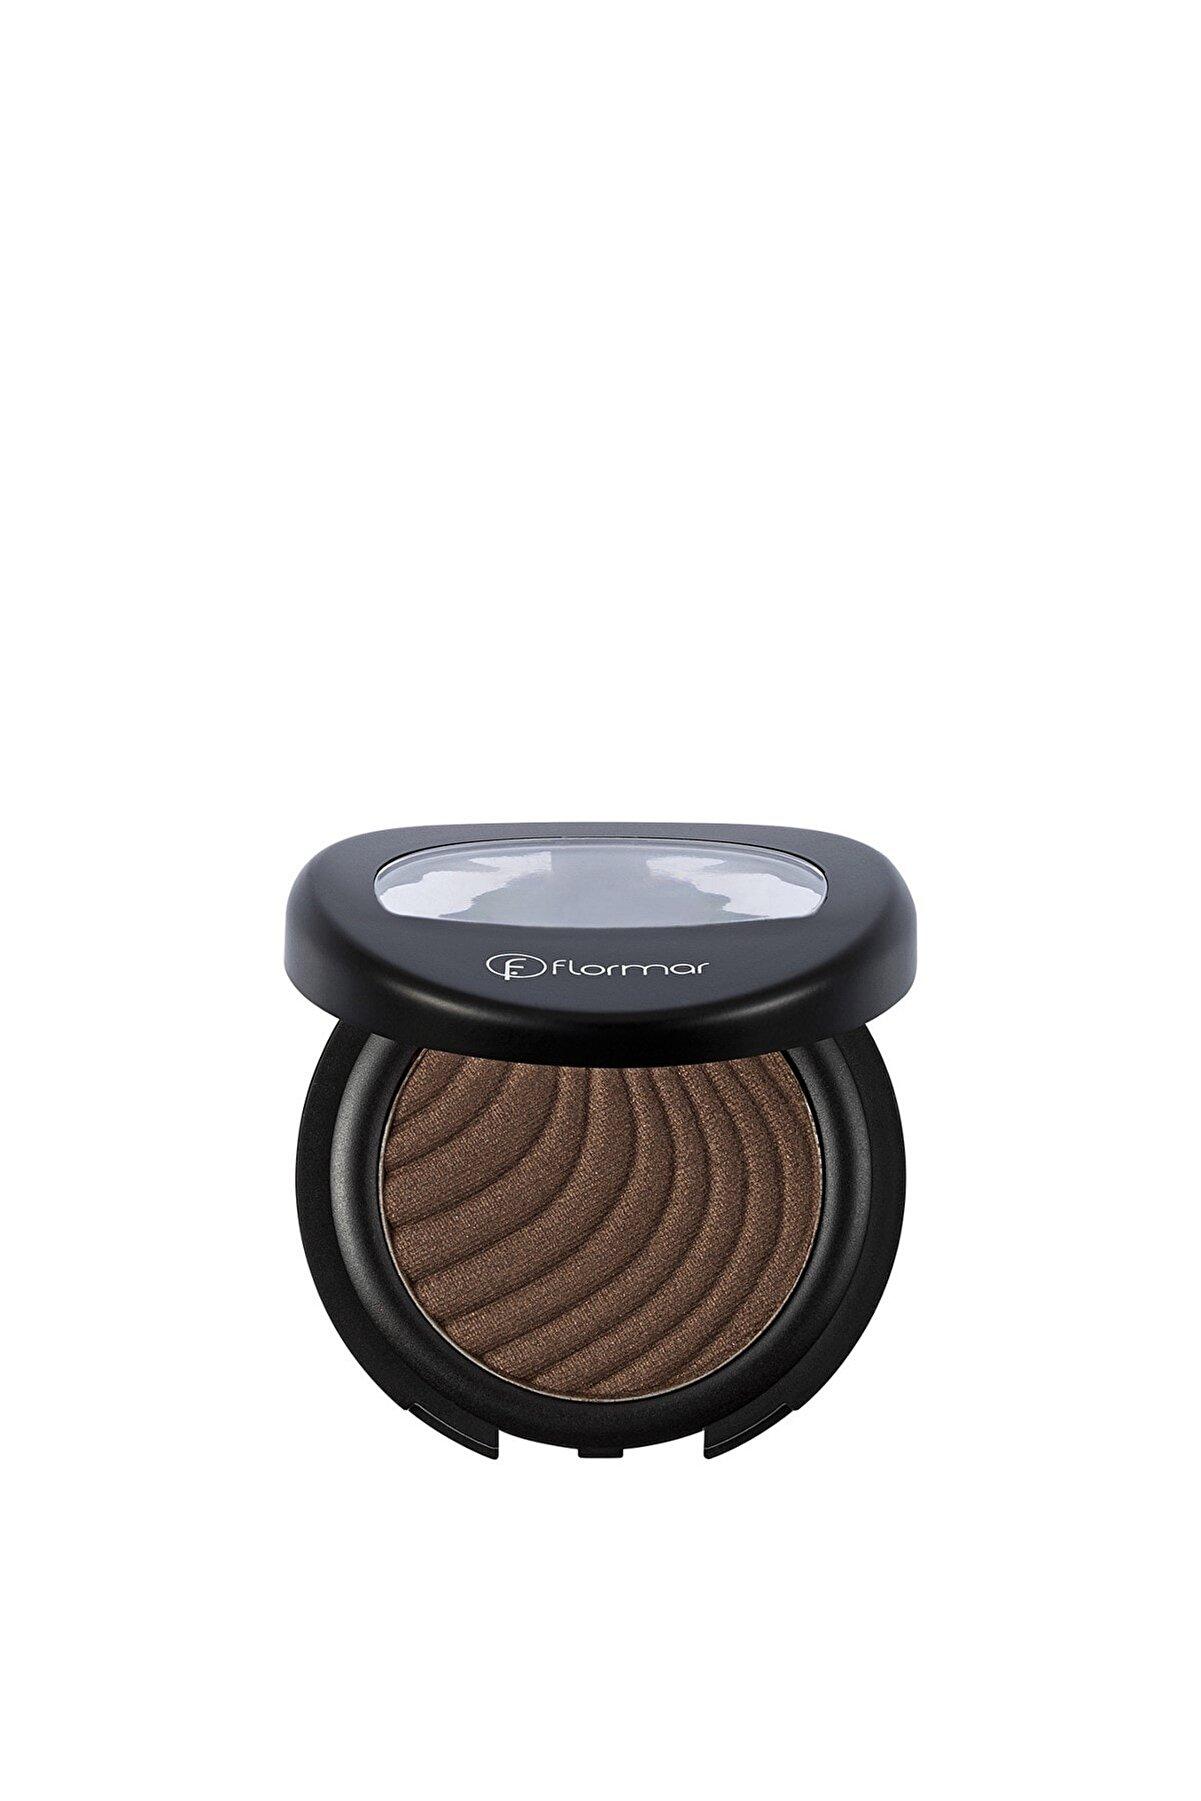 Flormar Göz Farı - MoNo Eyeshadow Royal Brown 4 g 8690604038664